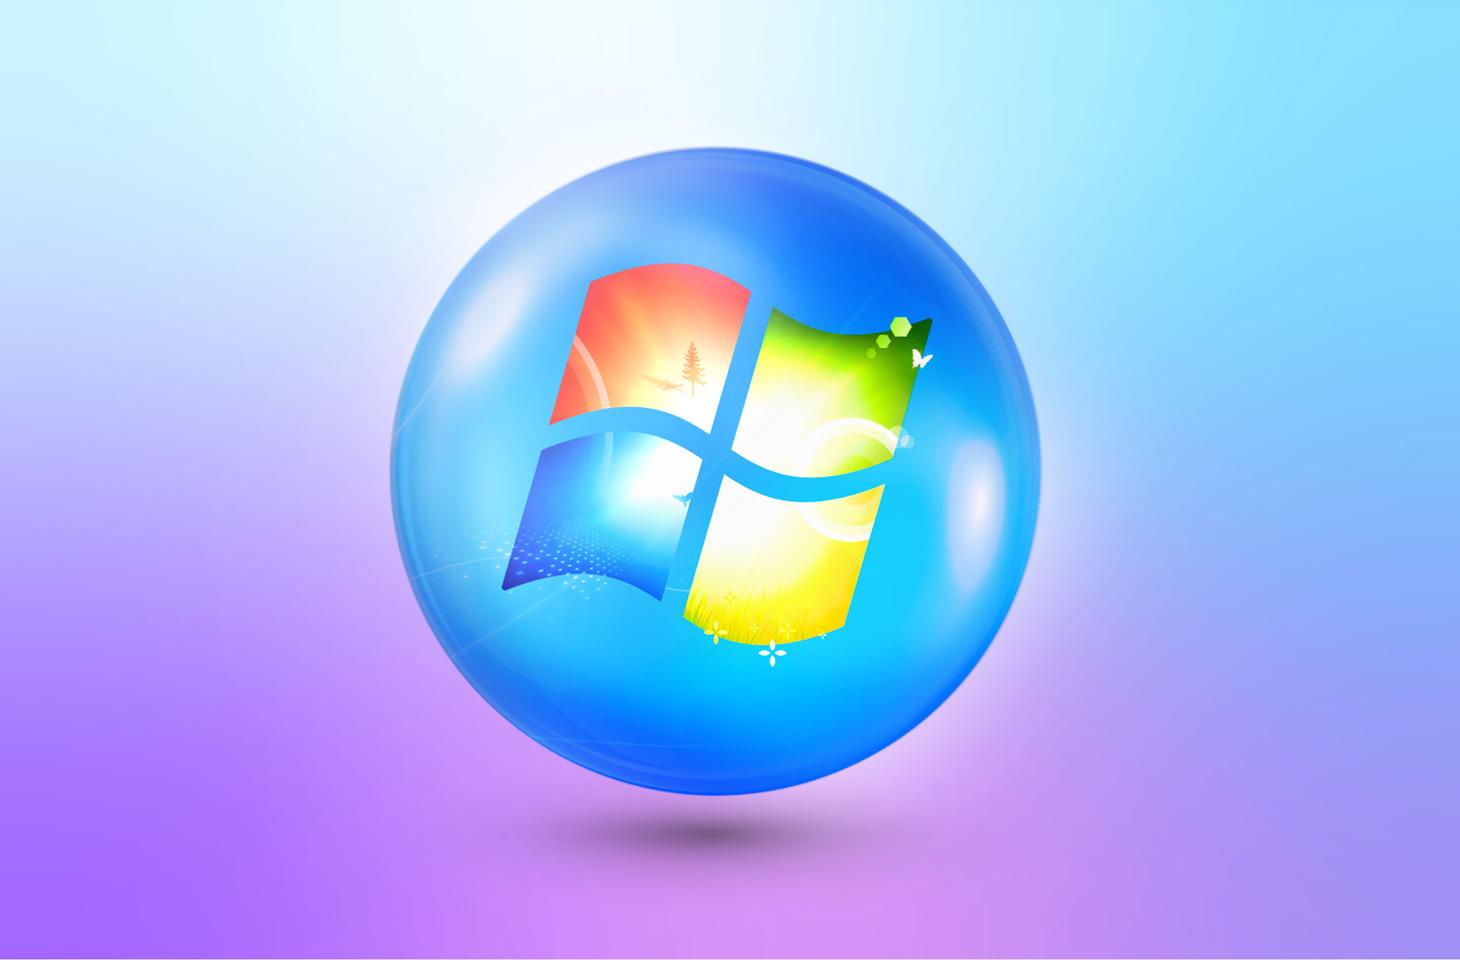 Ruhe in Frieden, Windows 7. Und jetzt?